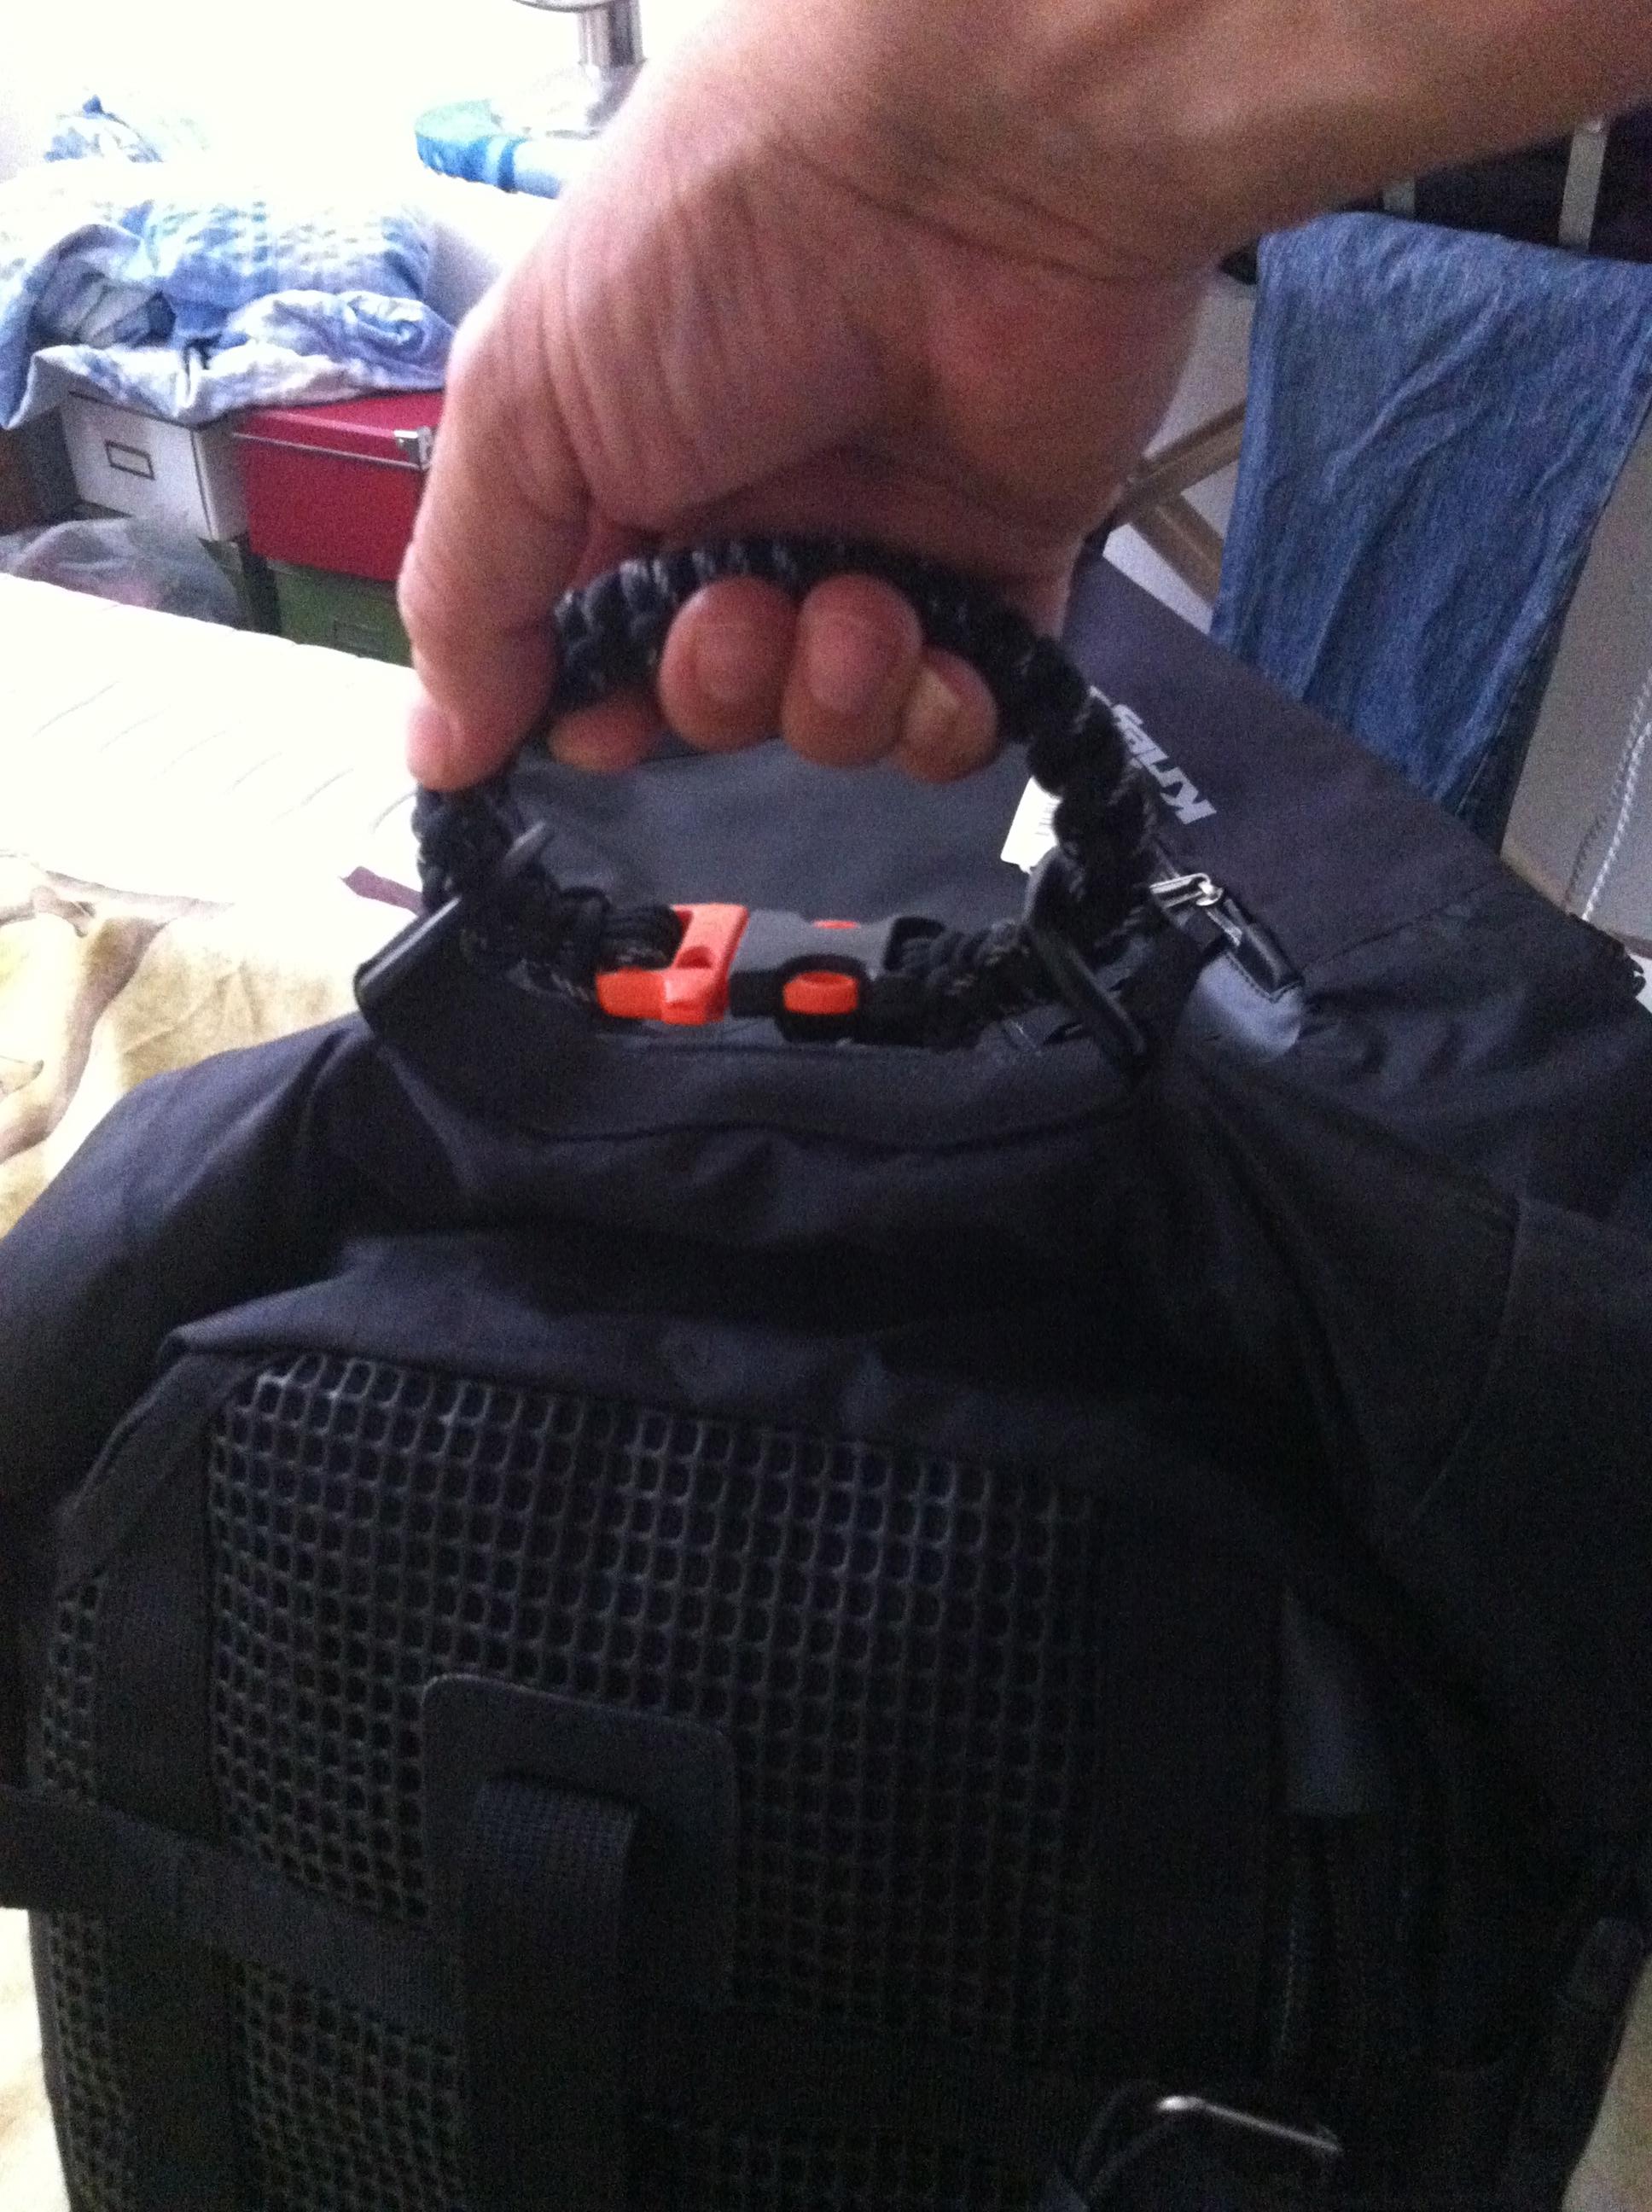 e32c5c674f23 Kriega USA Luggage Q A